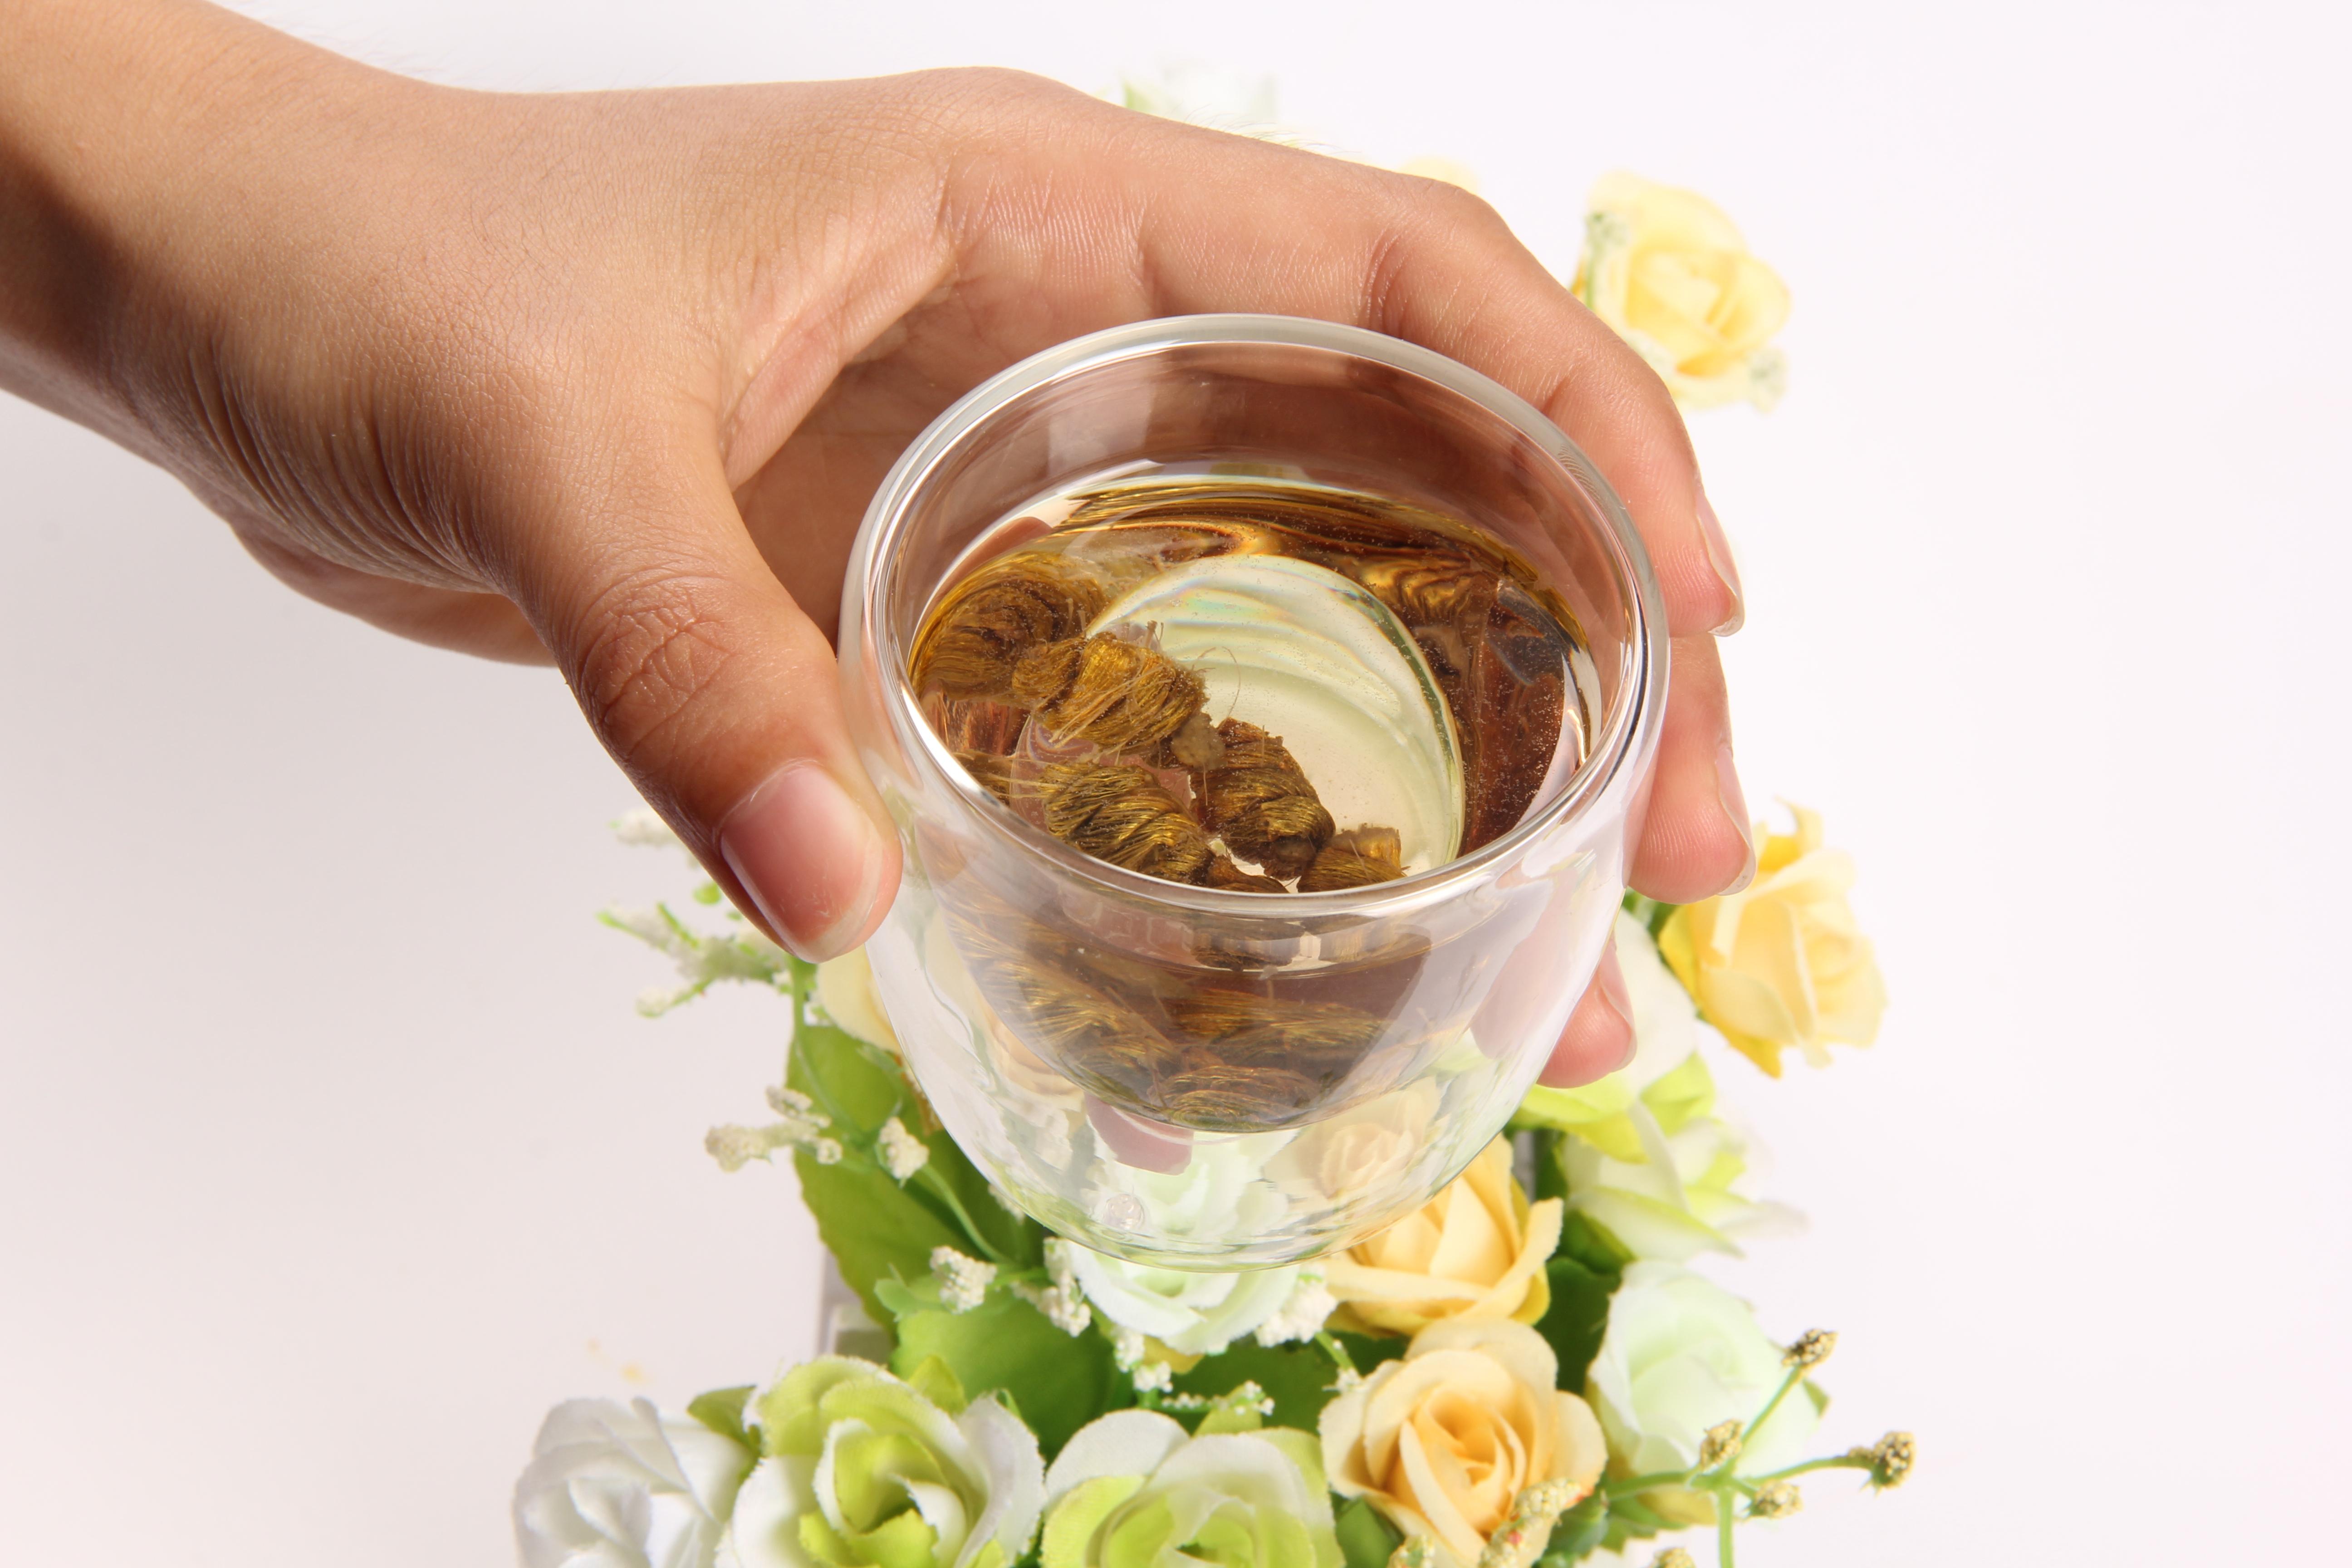 抽烟喝酒吃它,养肝补肾吃它:一味中药百样功-搜